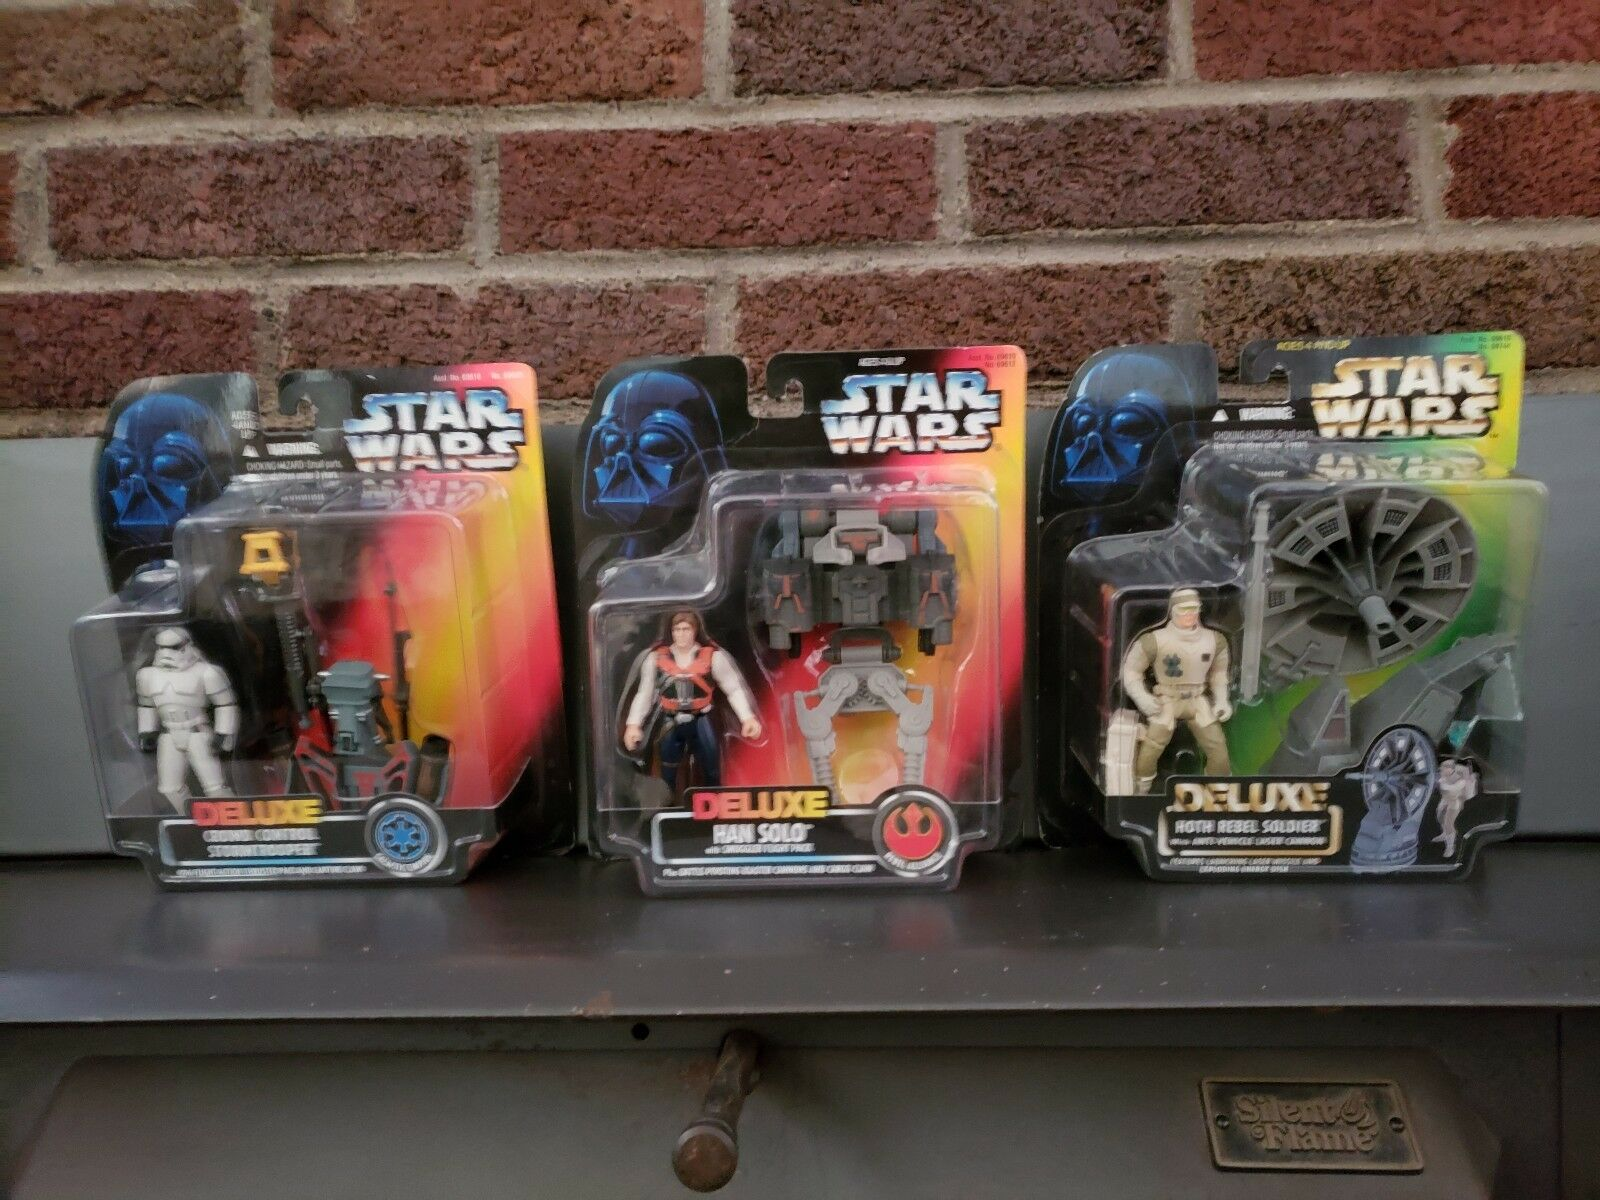 Star Wars Deluxe 1996 Lot of 3, Han solo, Stormtrooper, Rebel Soldier, NIP